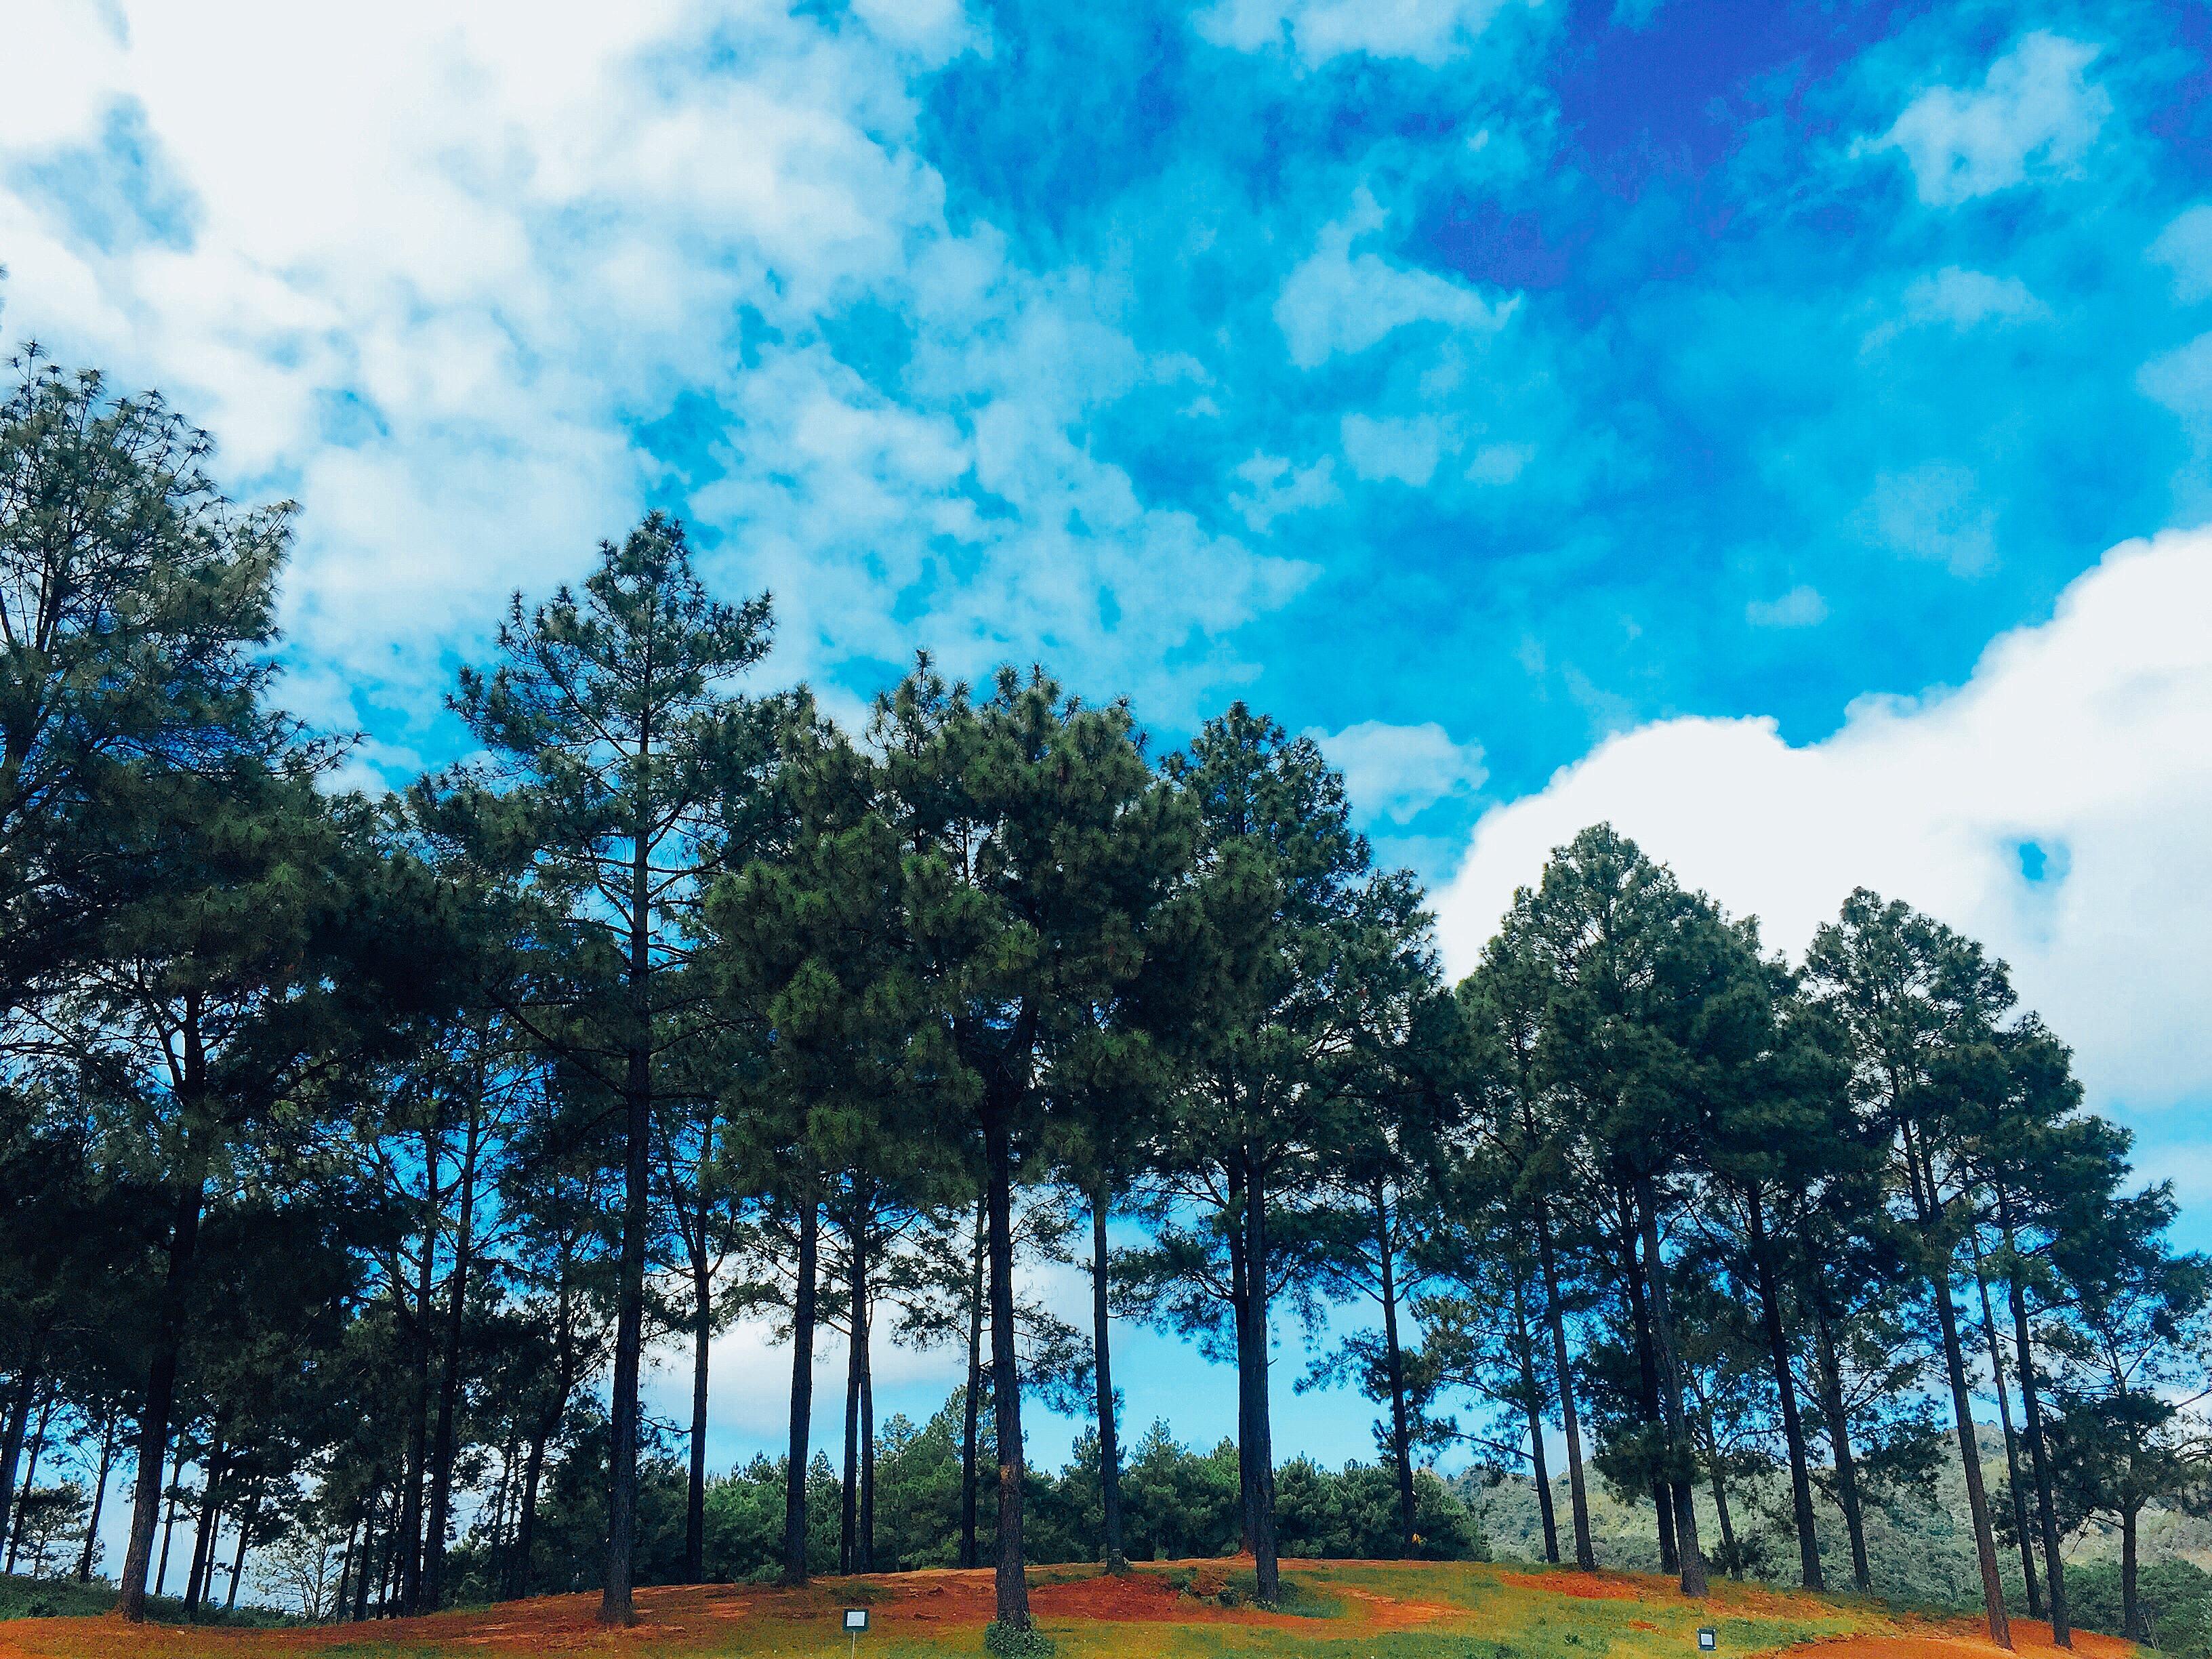 Rừng thông Bản Áng Mộc Châu đẹp như một bức tranh